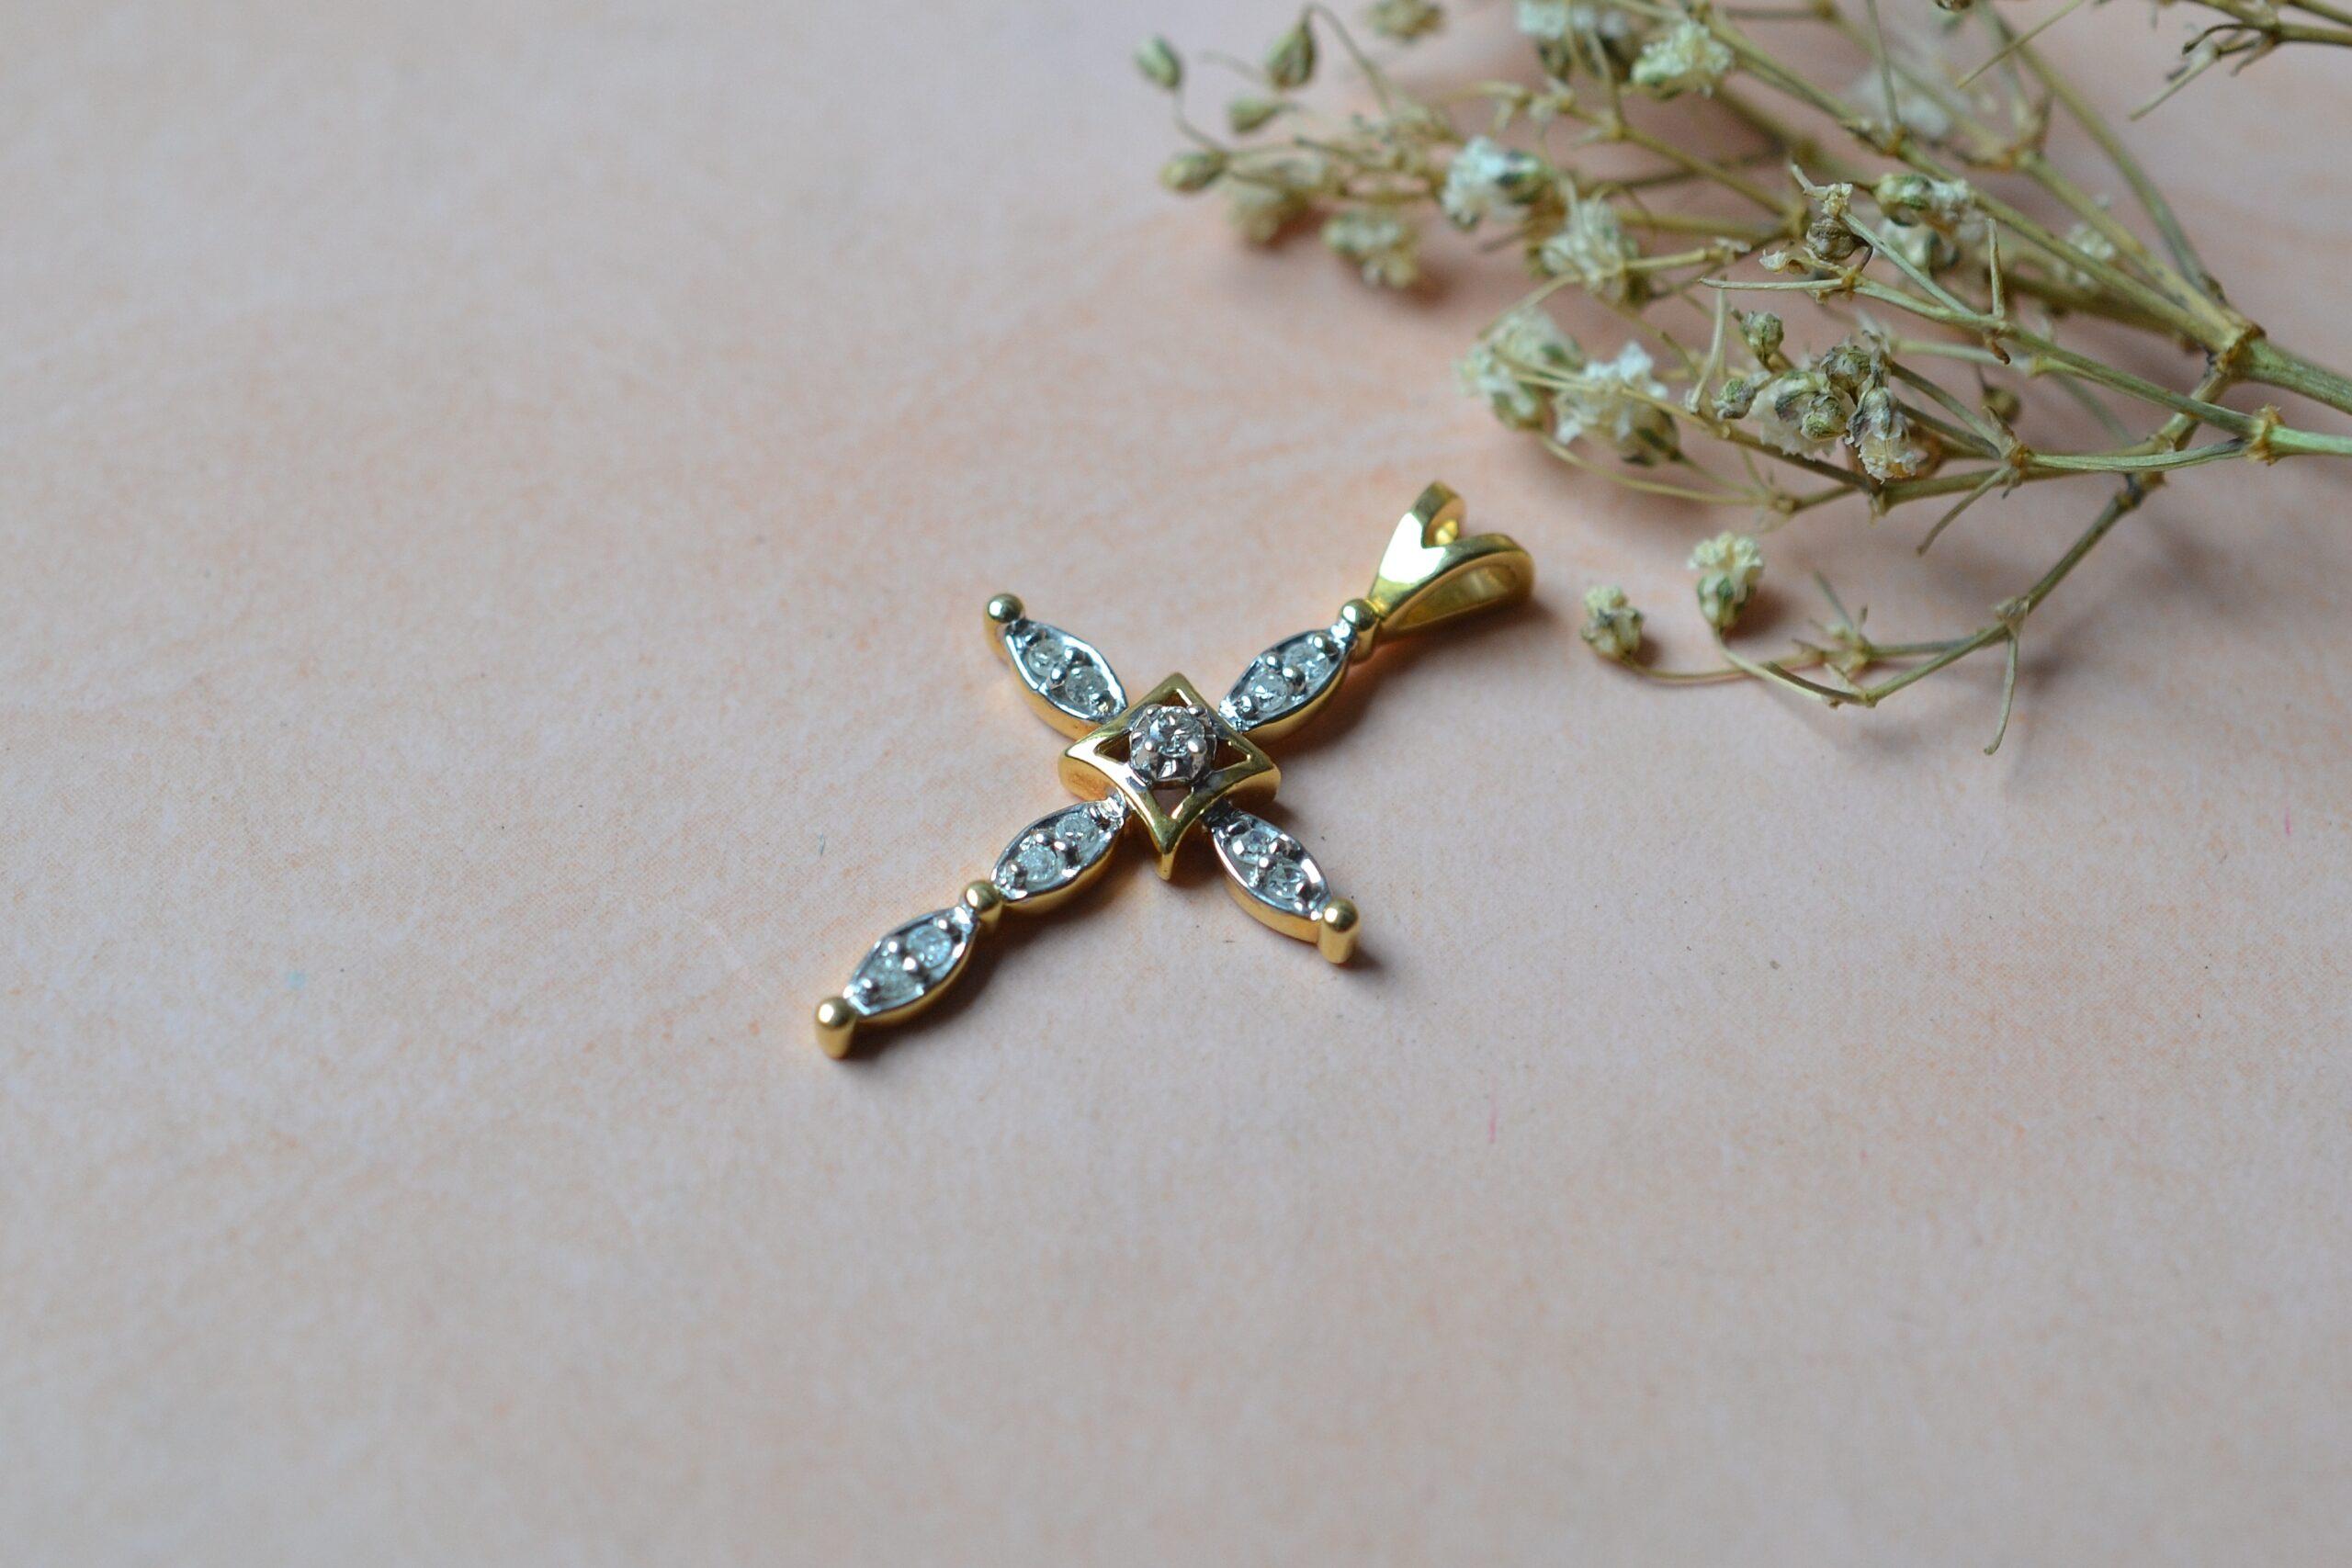 pendentif-croix-diamants-bijou-ancien-18-carats